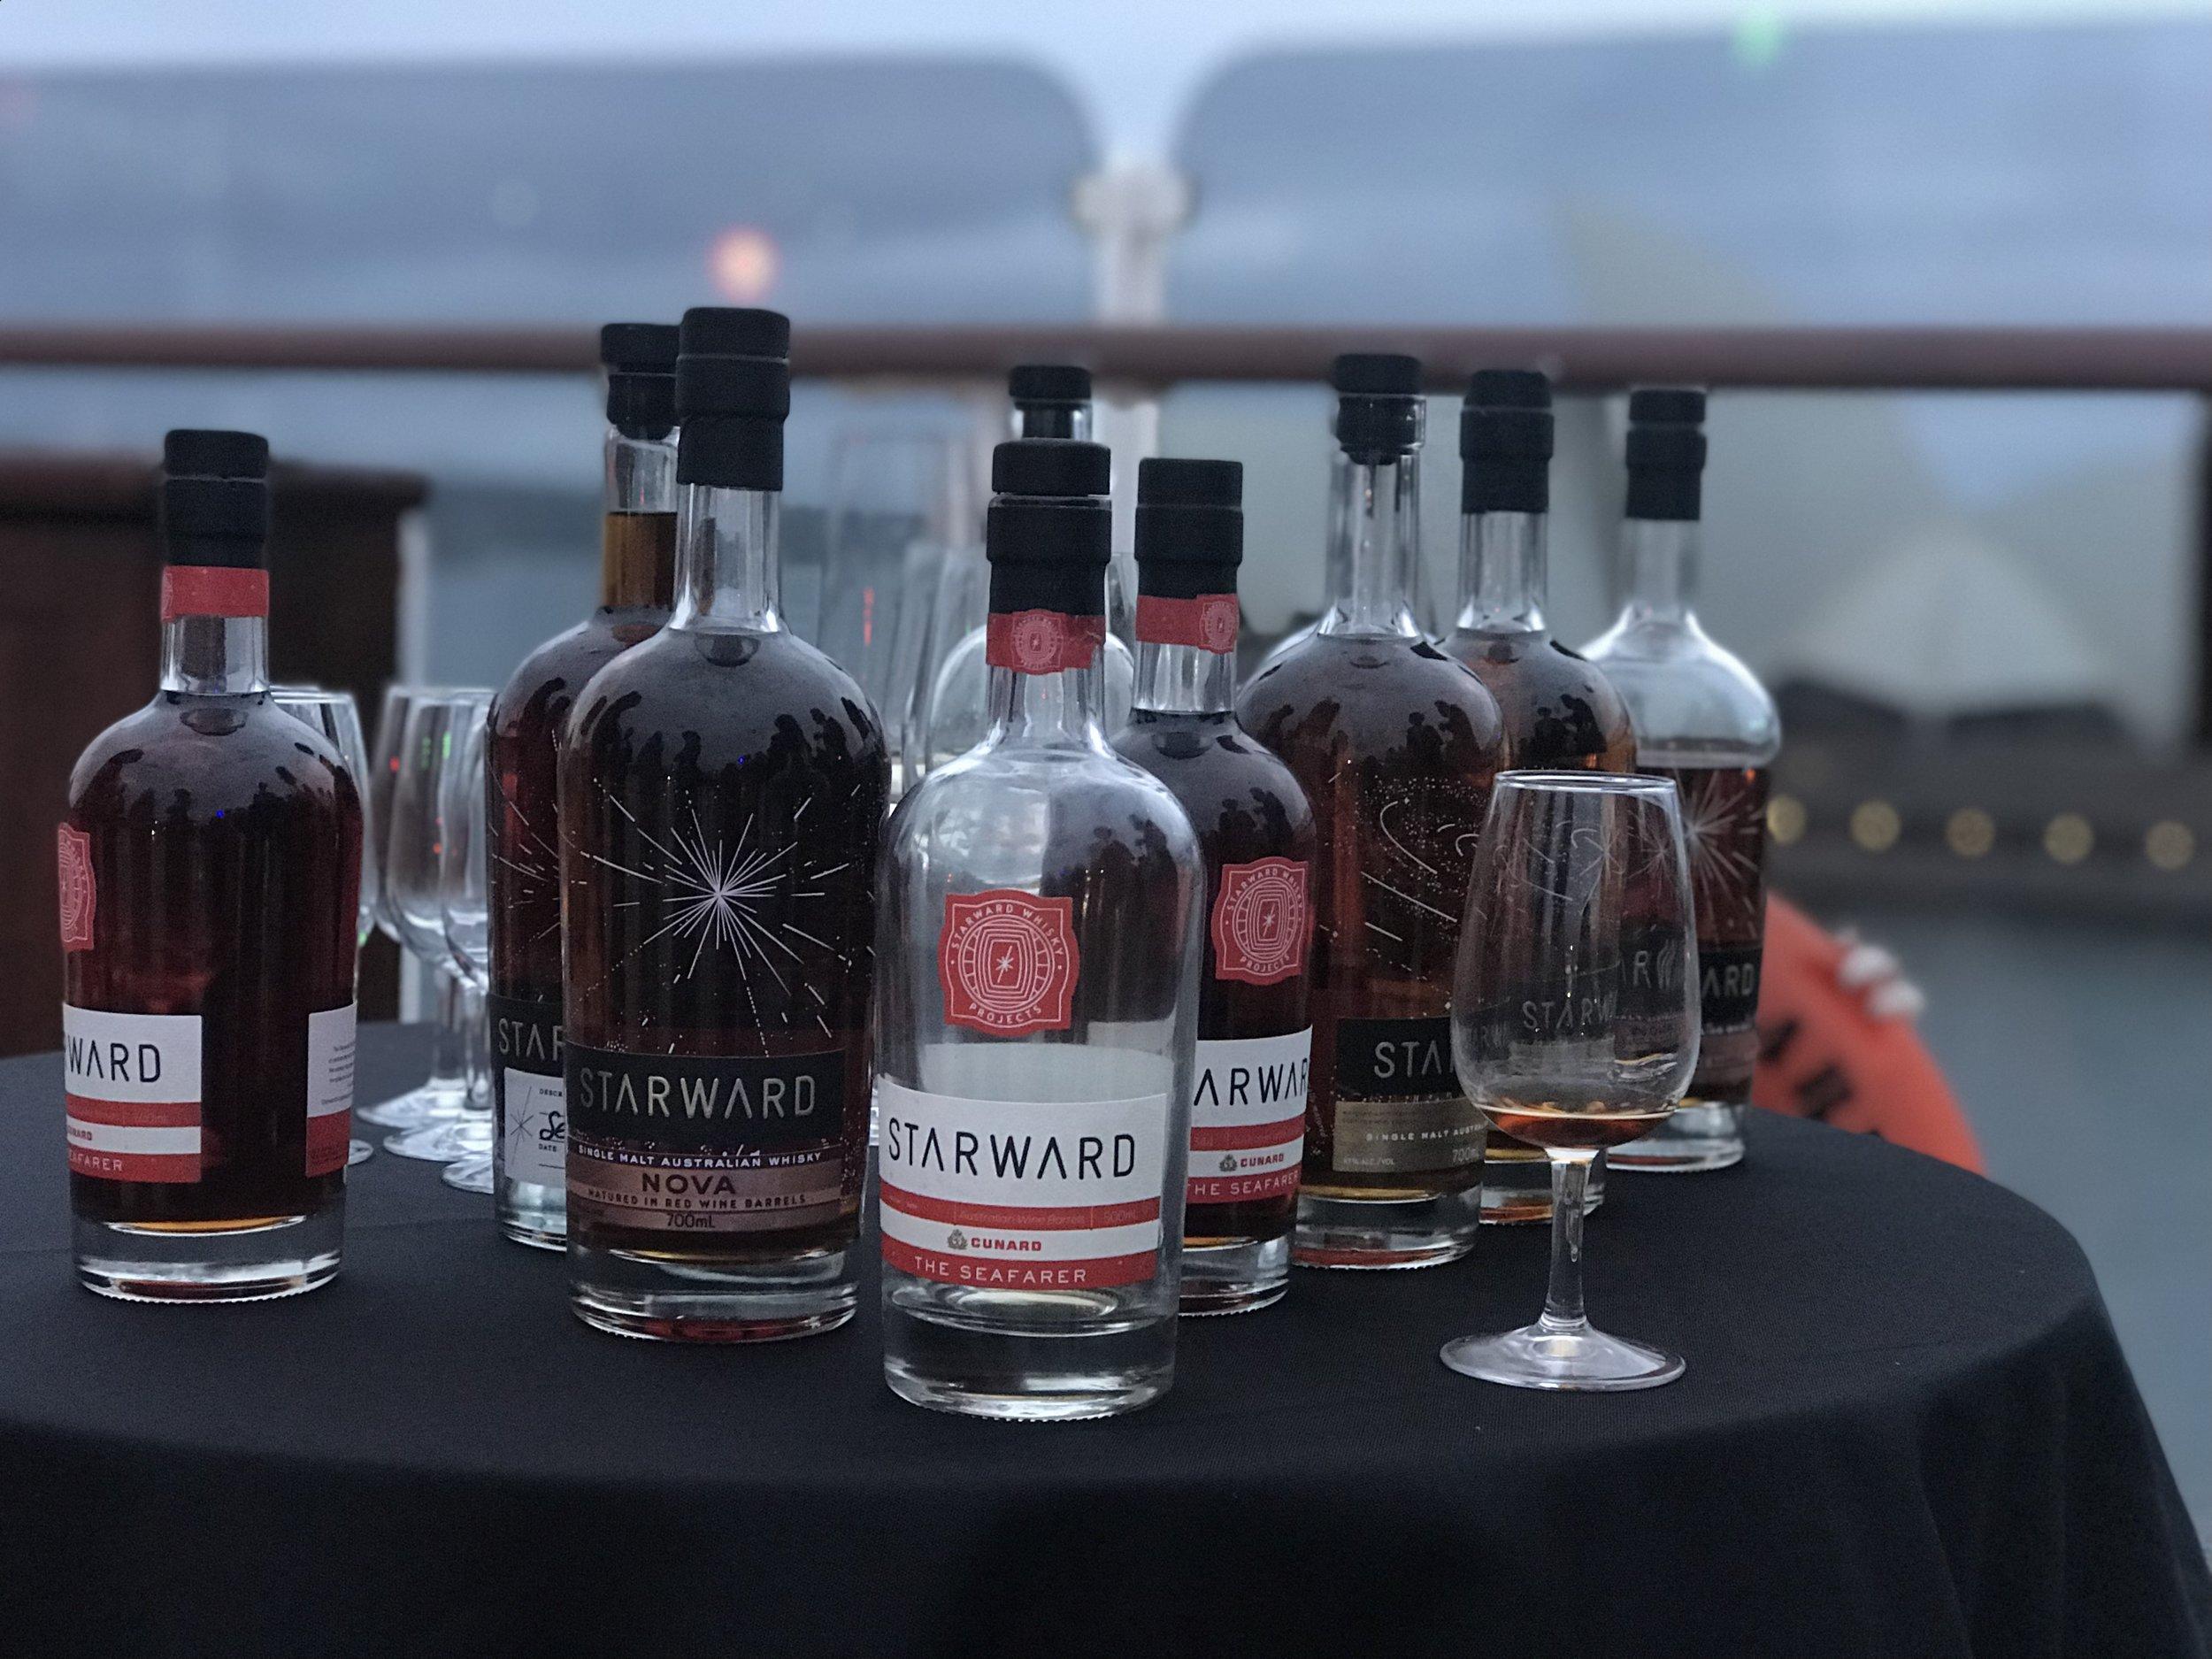 Starward Seafarer Whisky